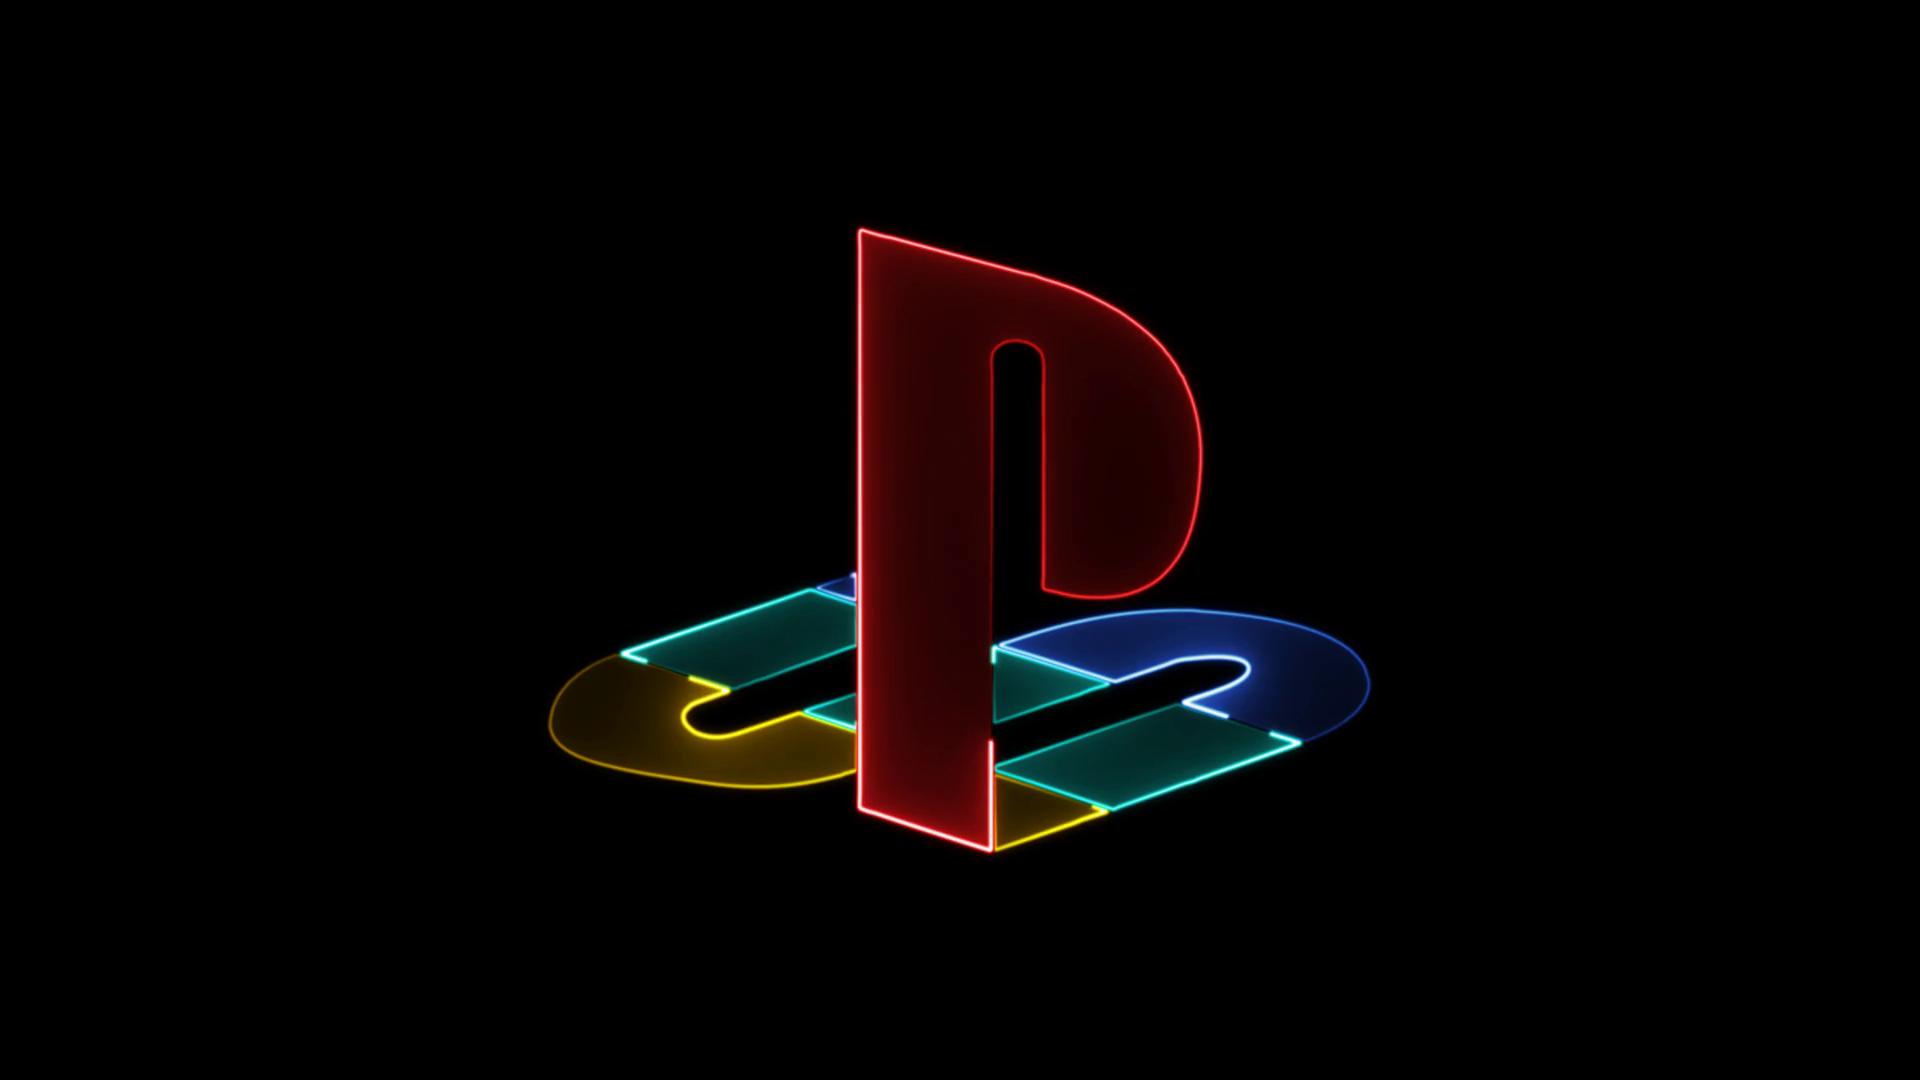 PlayStation; screenshot: PS logo